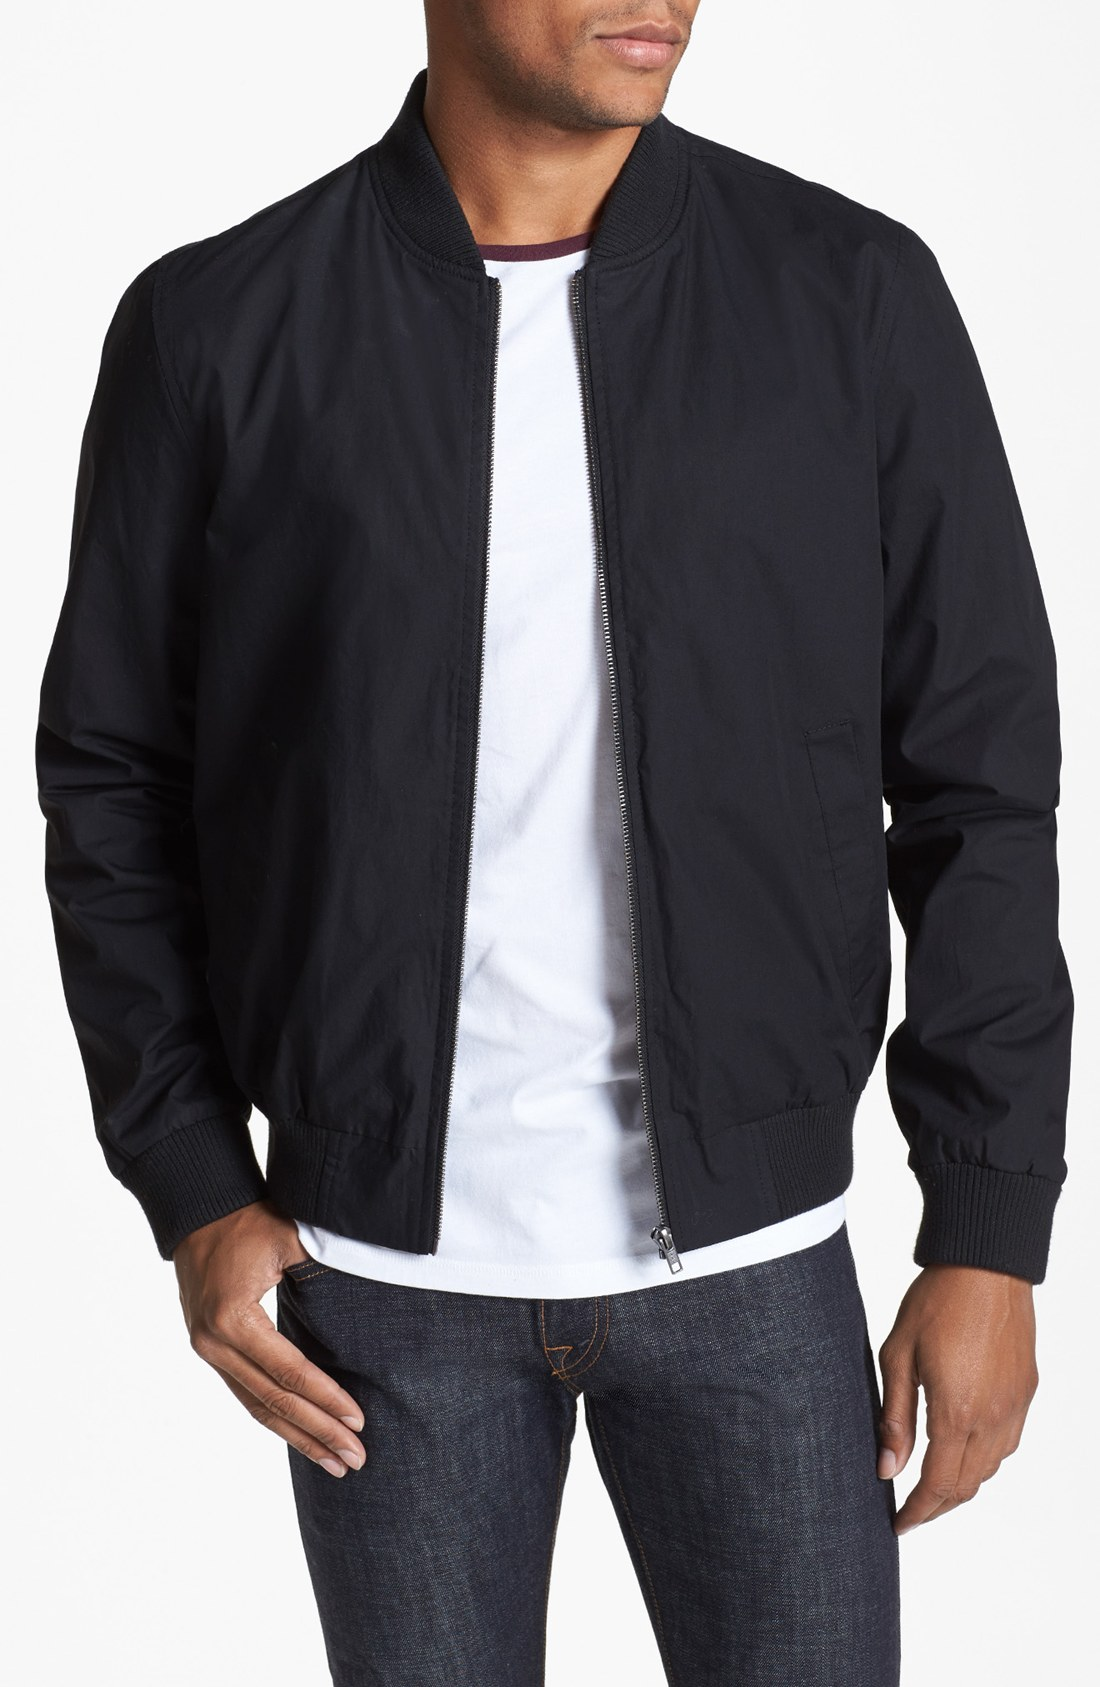 Black Bomber Jacket Topman - My Jacket